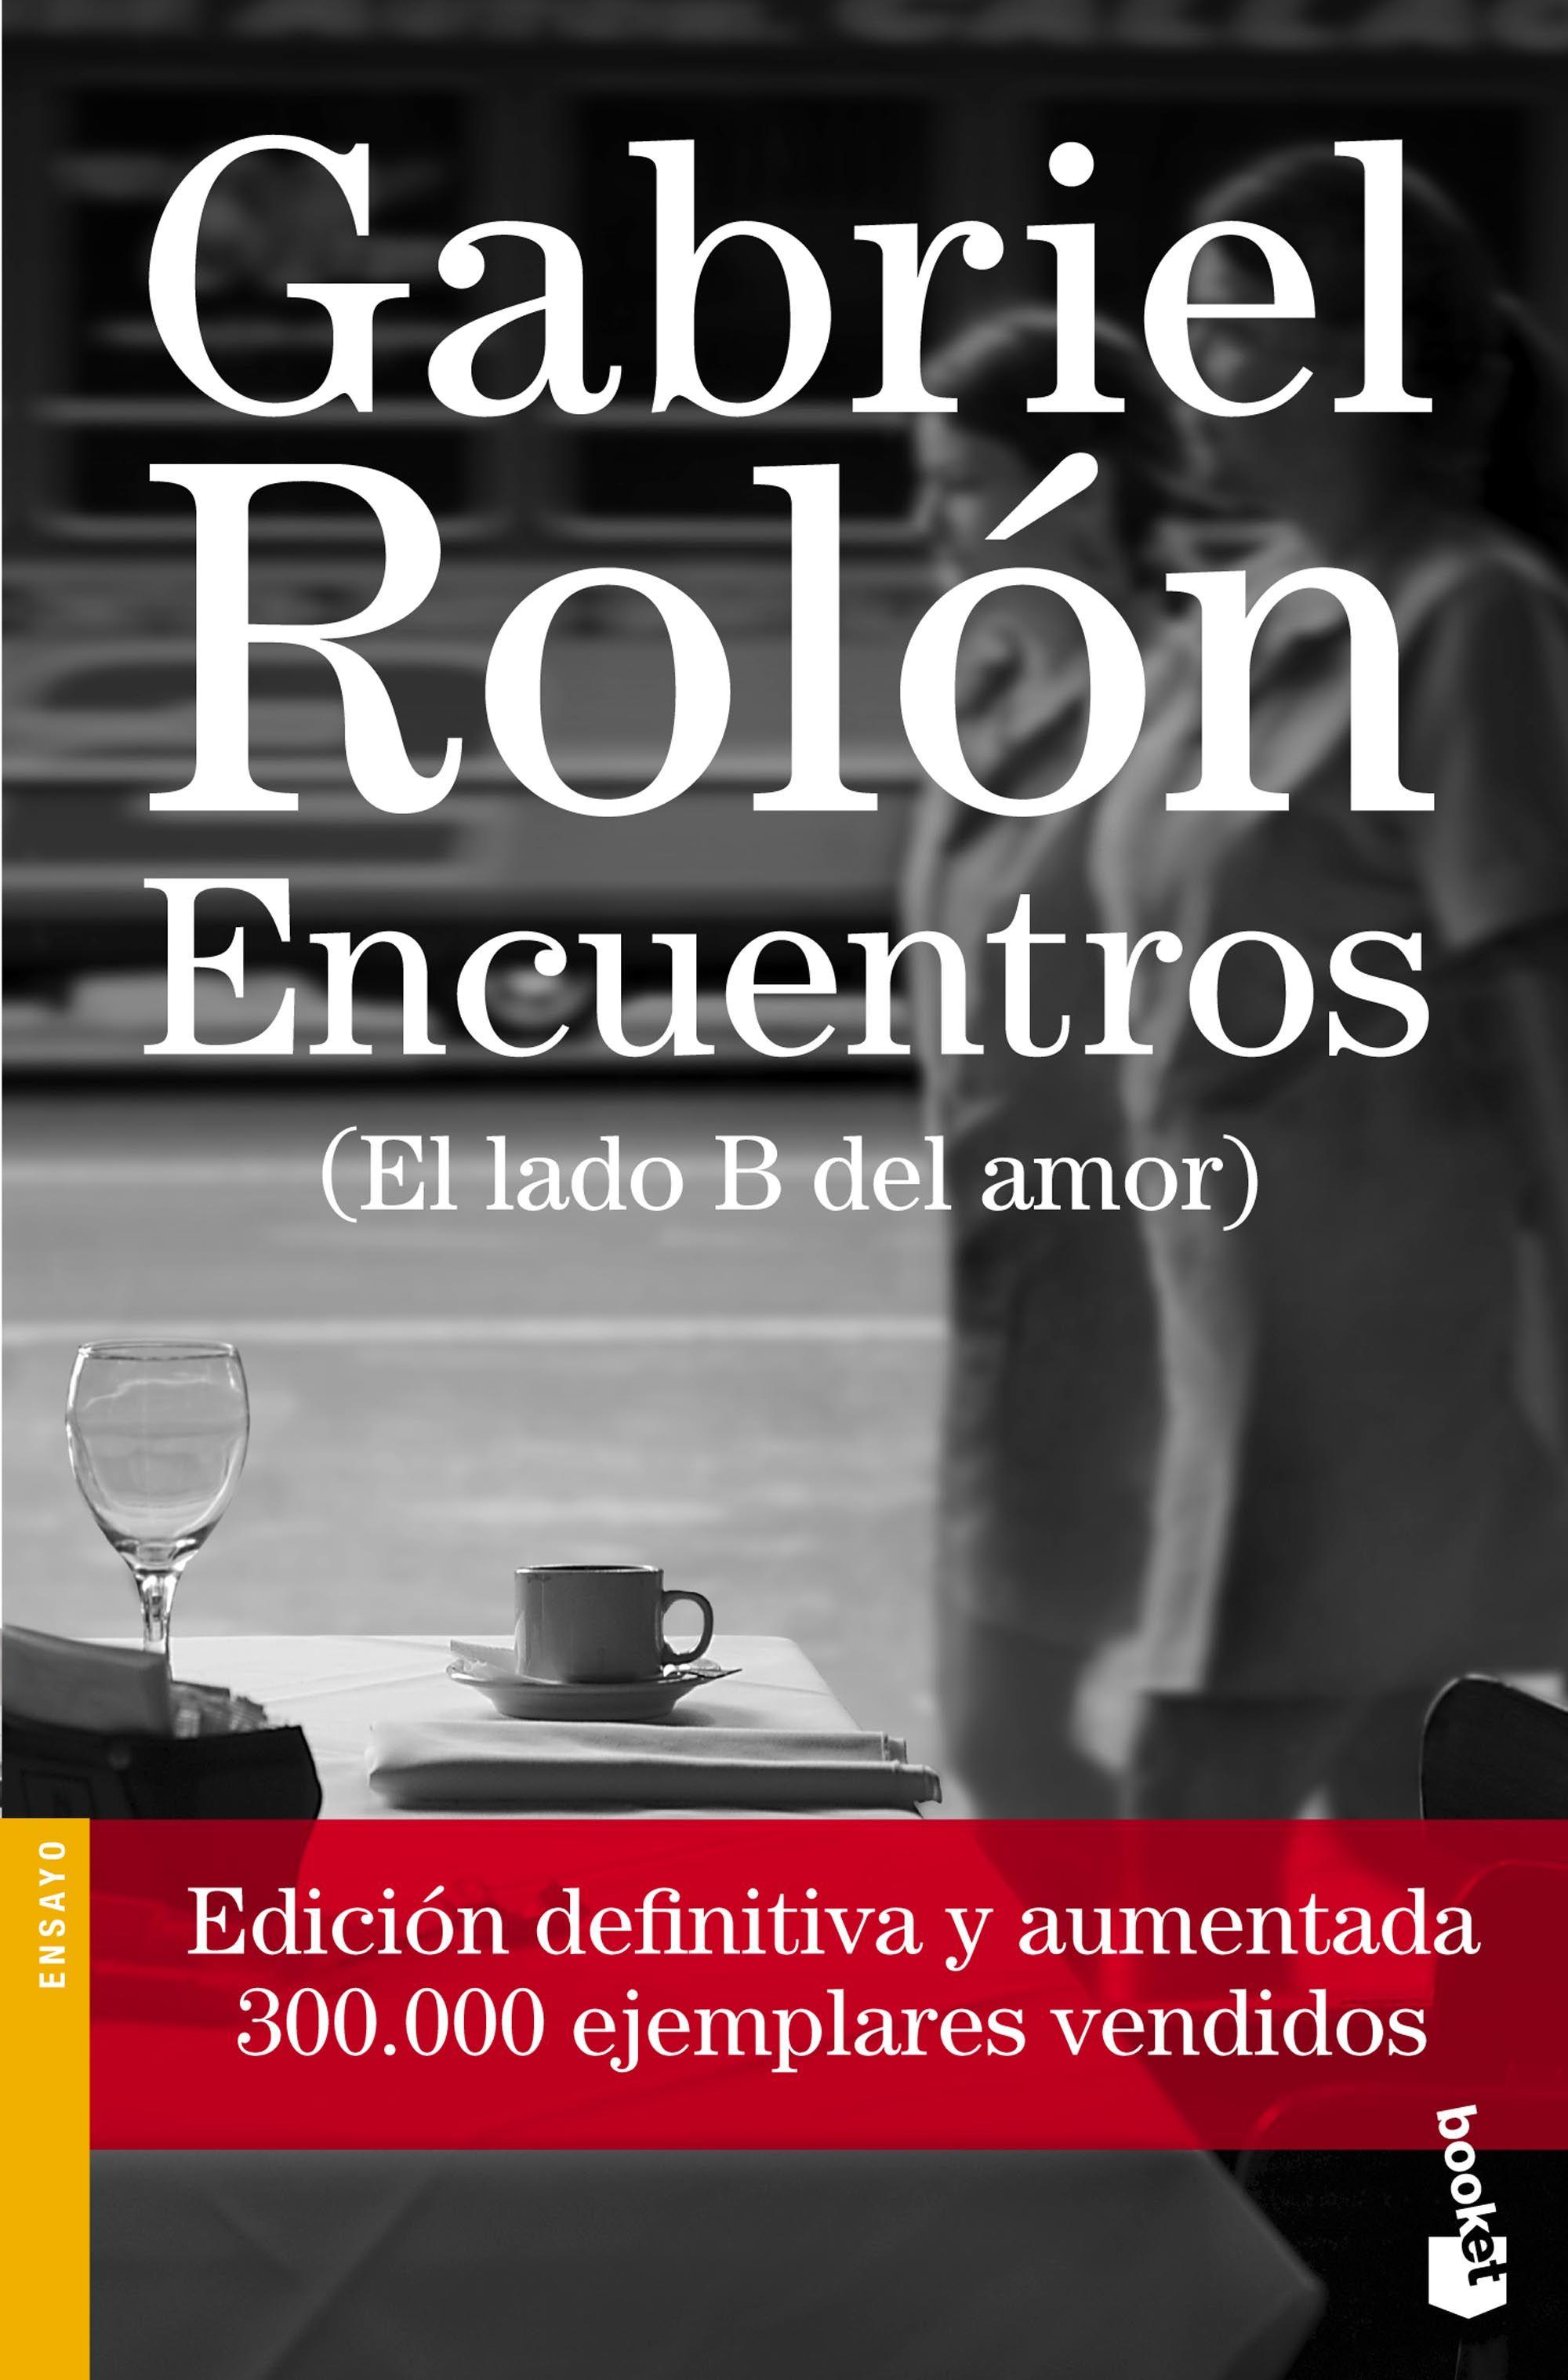 libro encuentros de gabriel rolon pdf